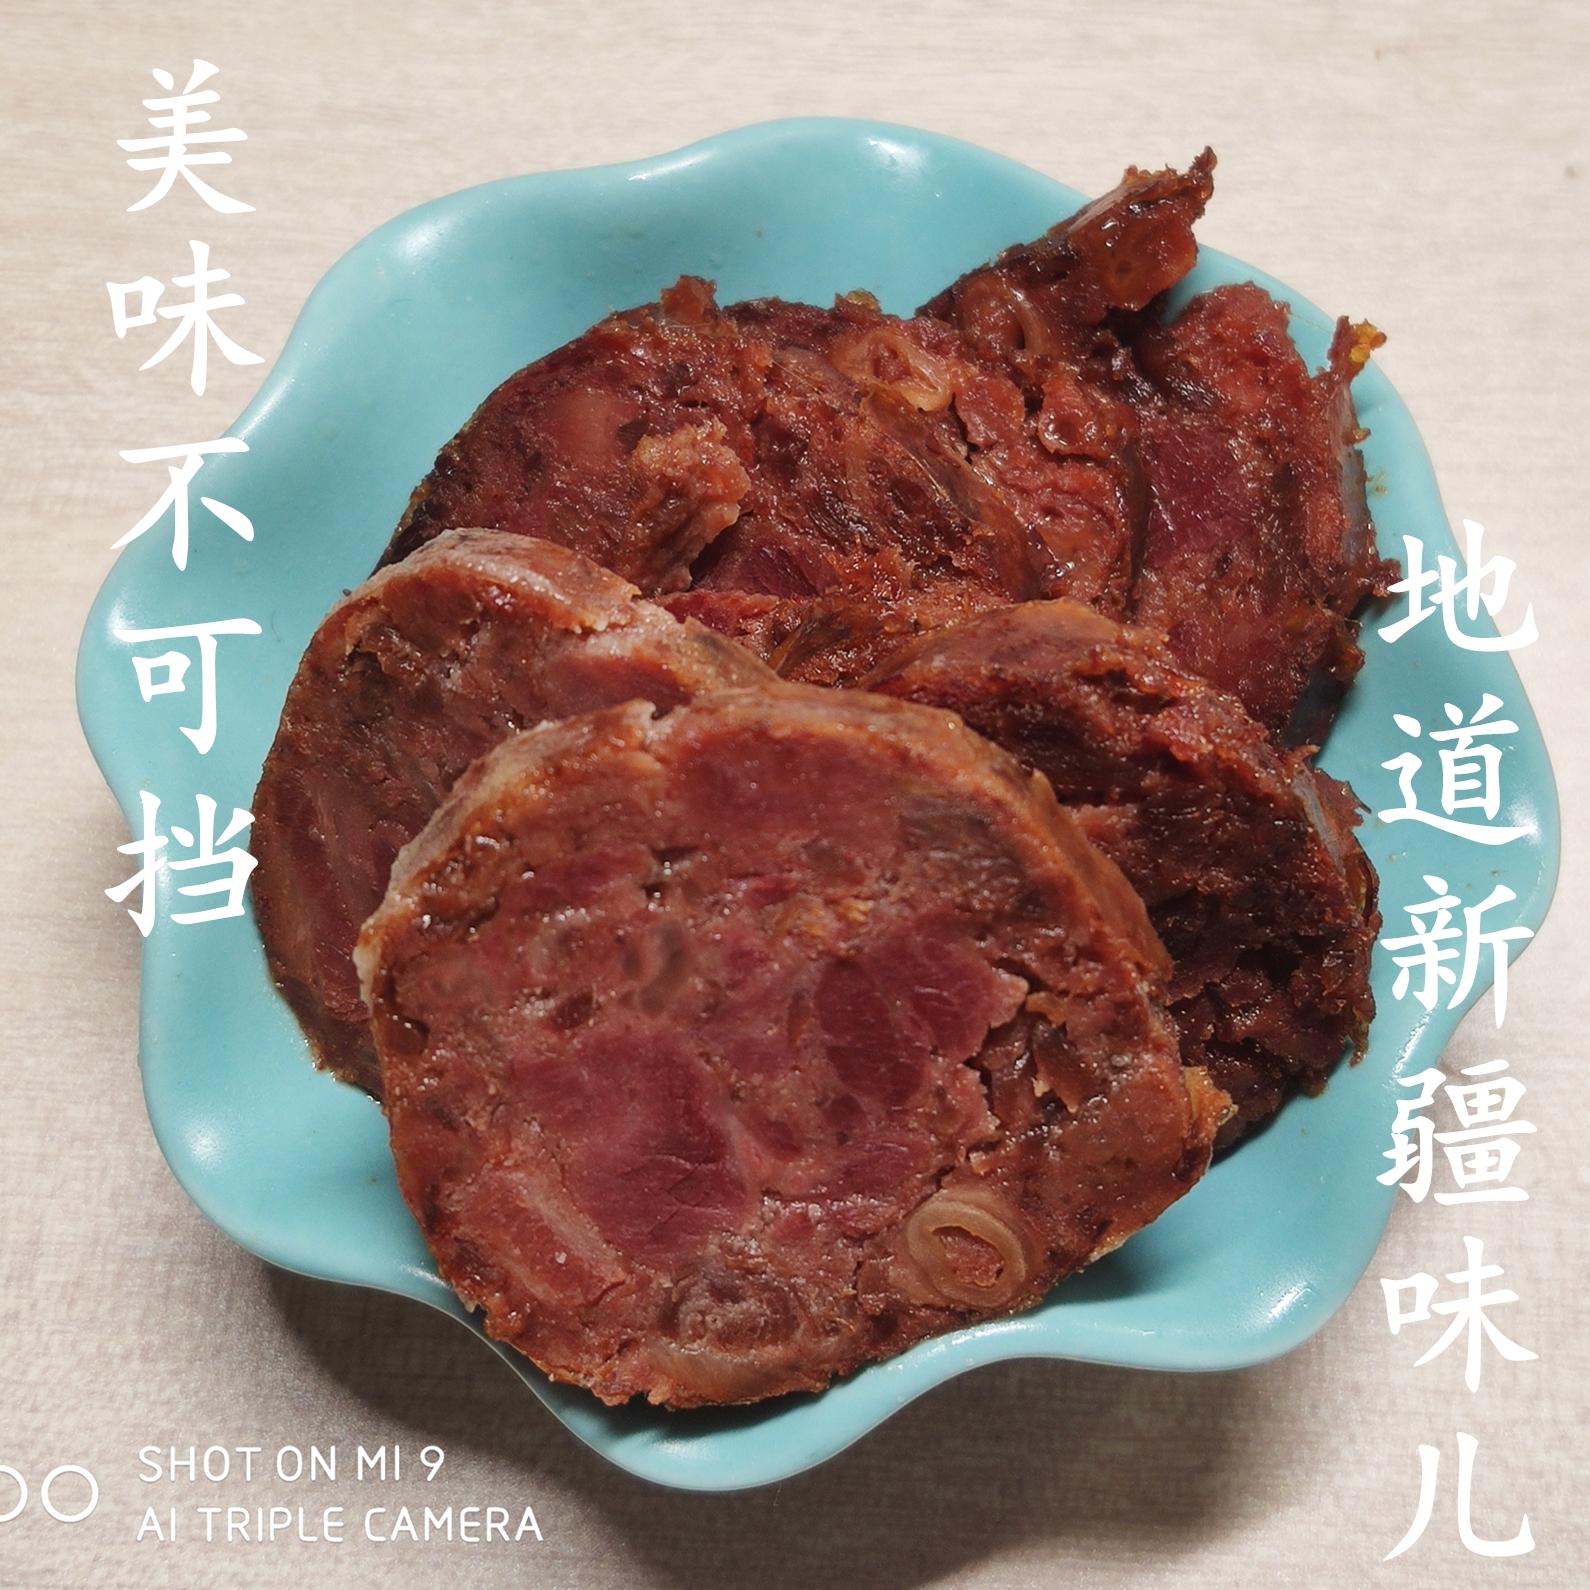 新疆伊犁特产正宗哈萨克熏马肉熏马肠大漠头羊熟食真空包装218g